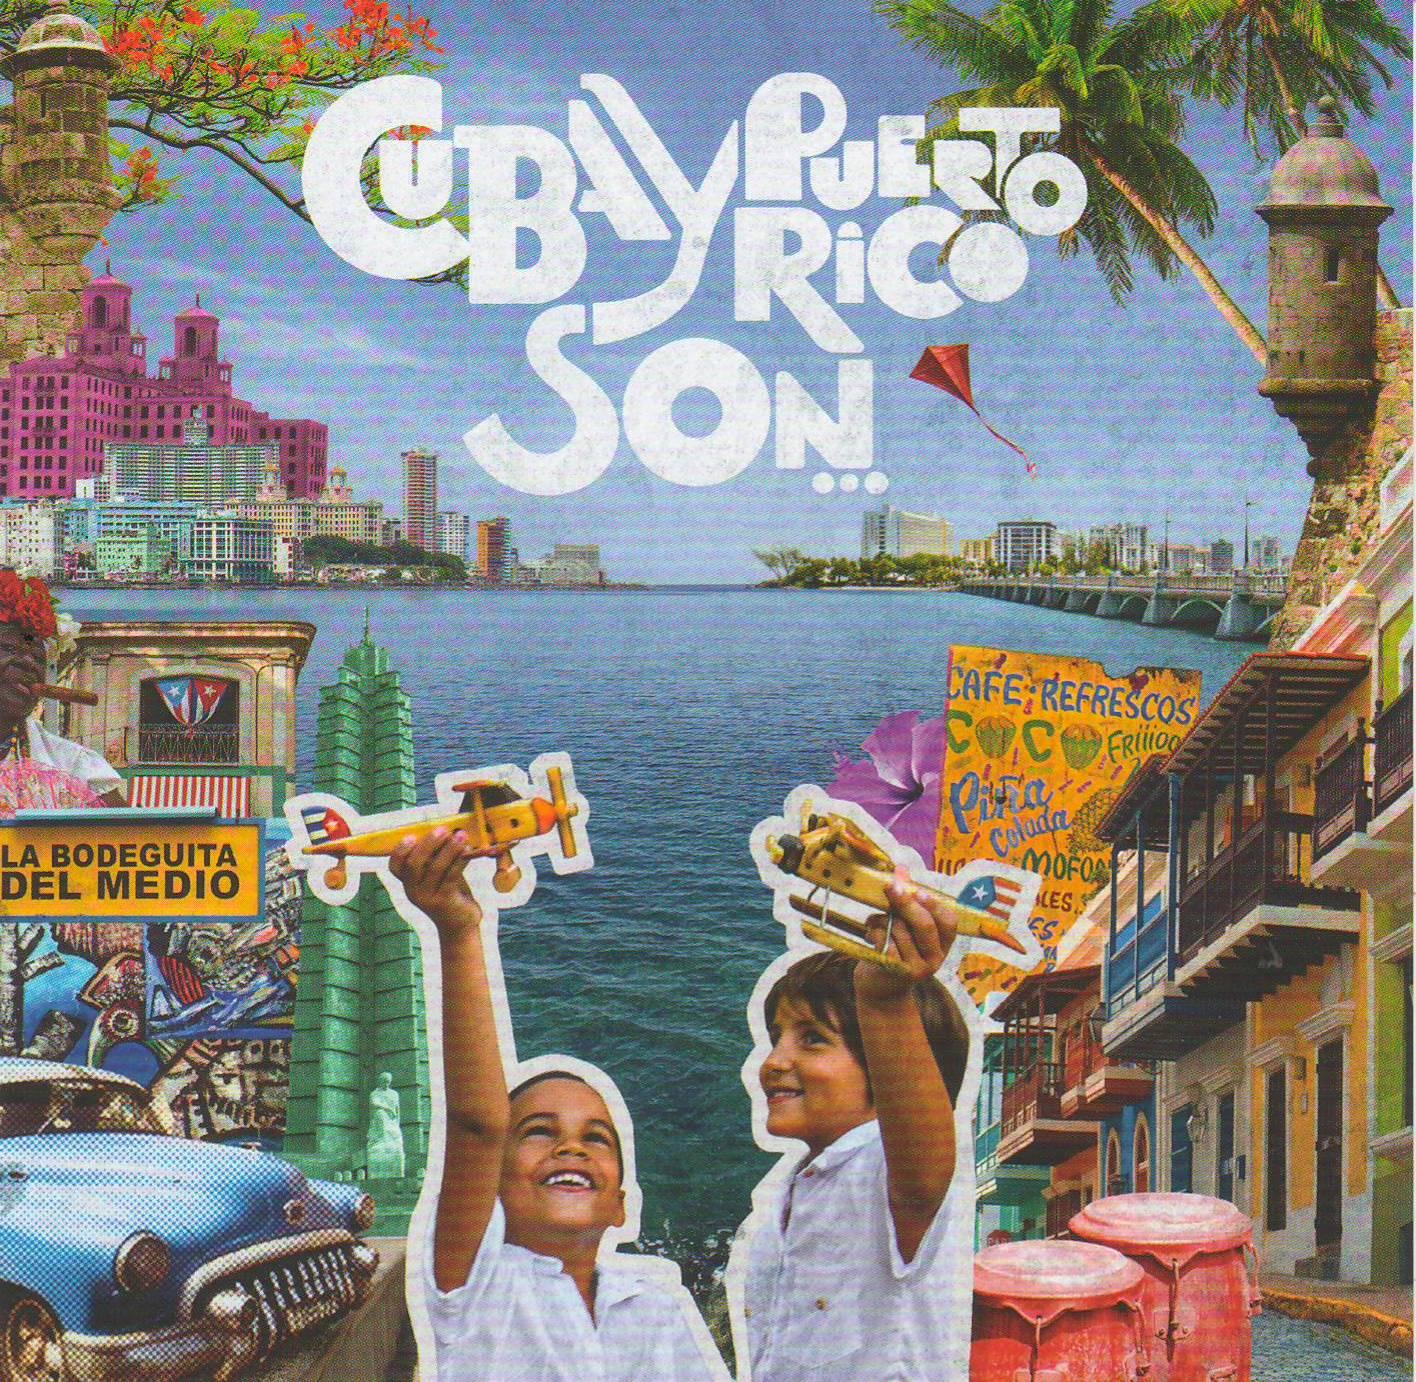 """Carátula del disco compacto de la nueva propuesta musical """"Cuba y Puerto Rico son..."""""""